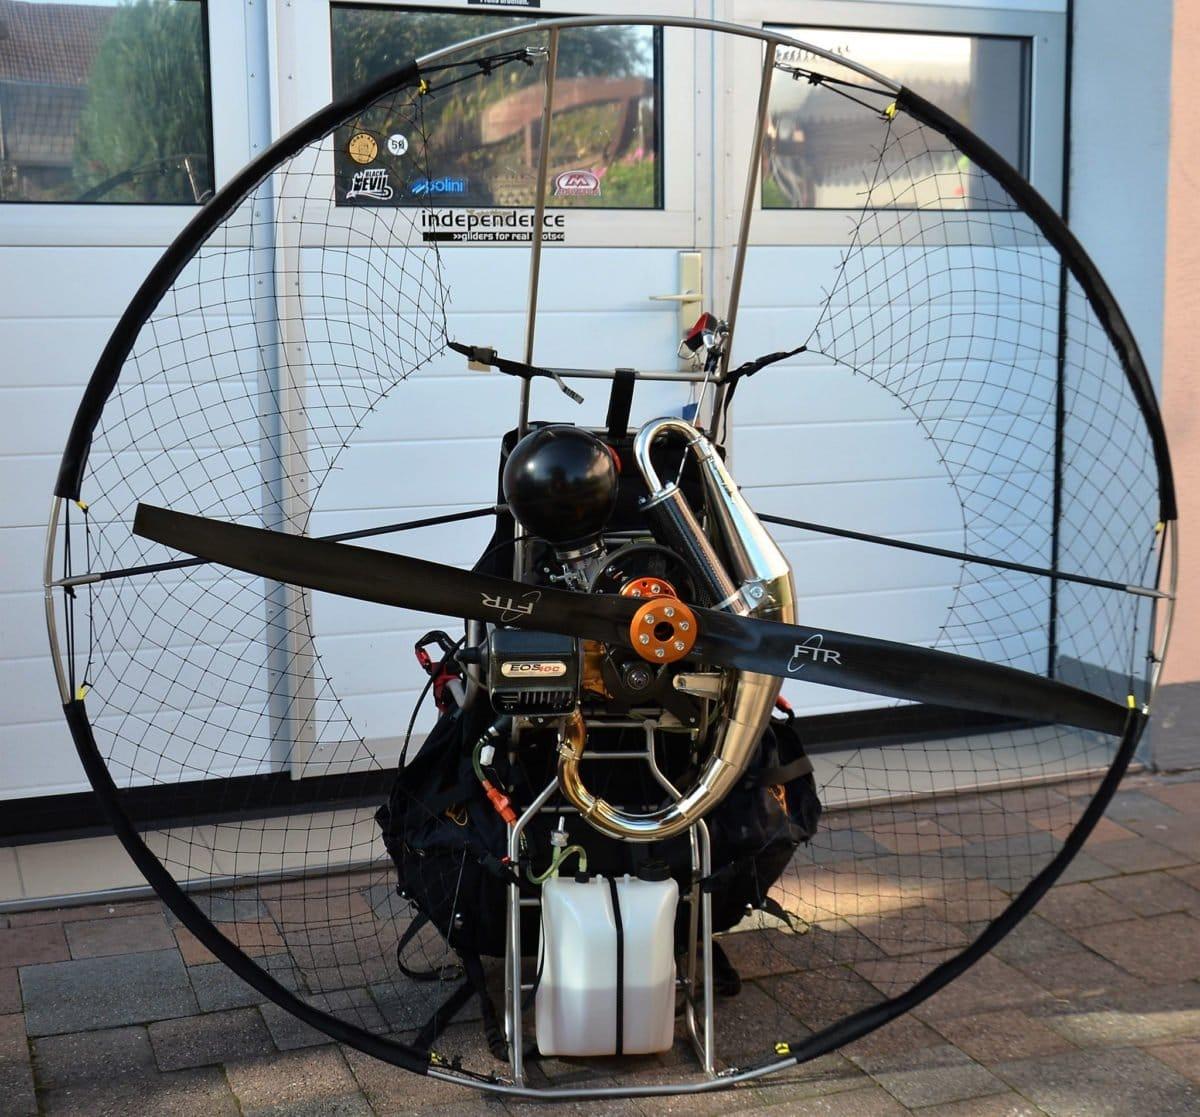 MoskitoPLUS - FTR Moskito Light - Aufstiegshilfe für Thermikflieger